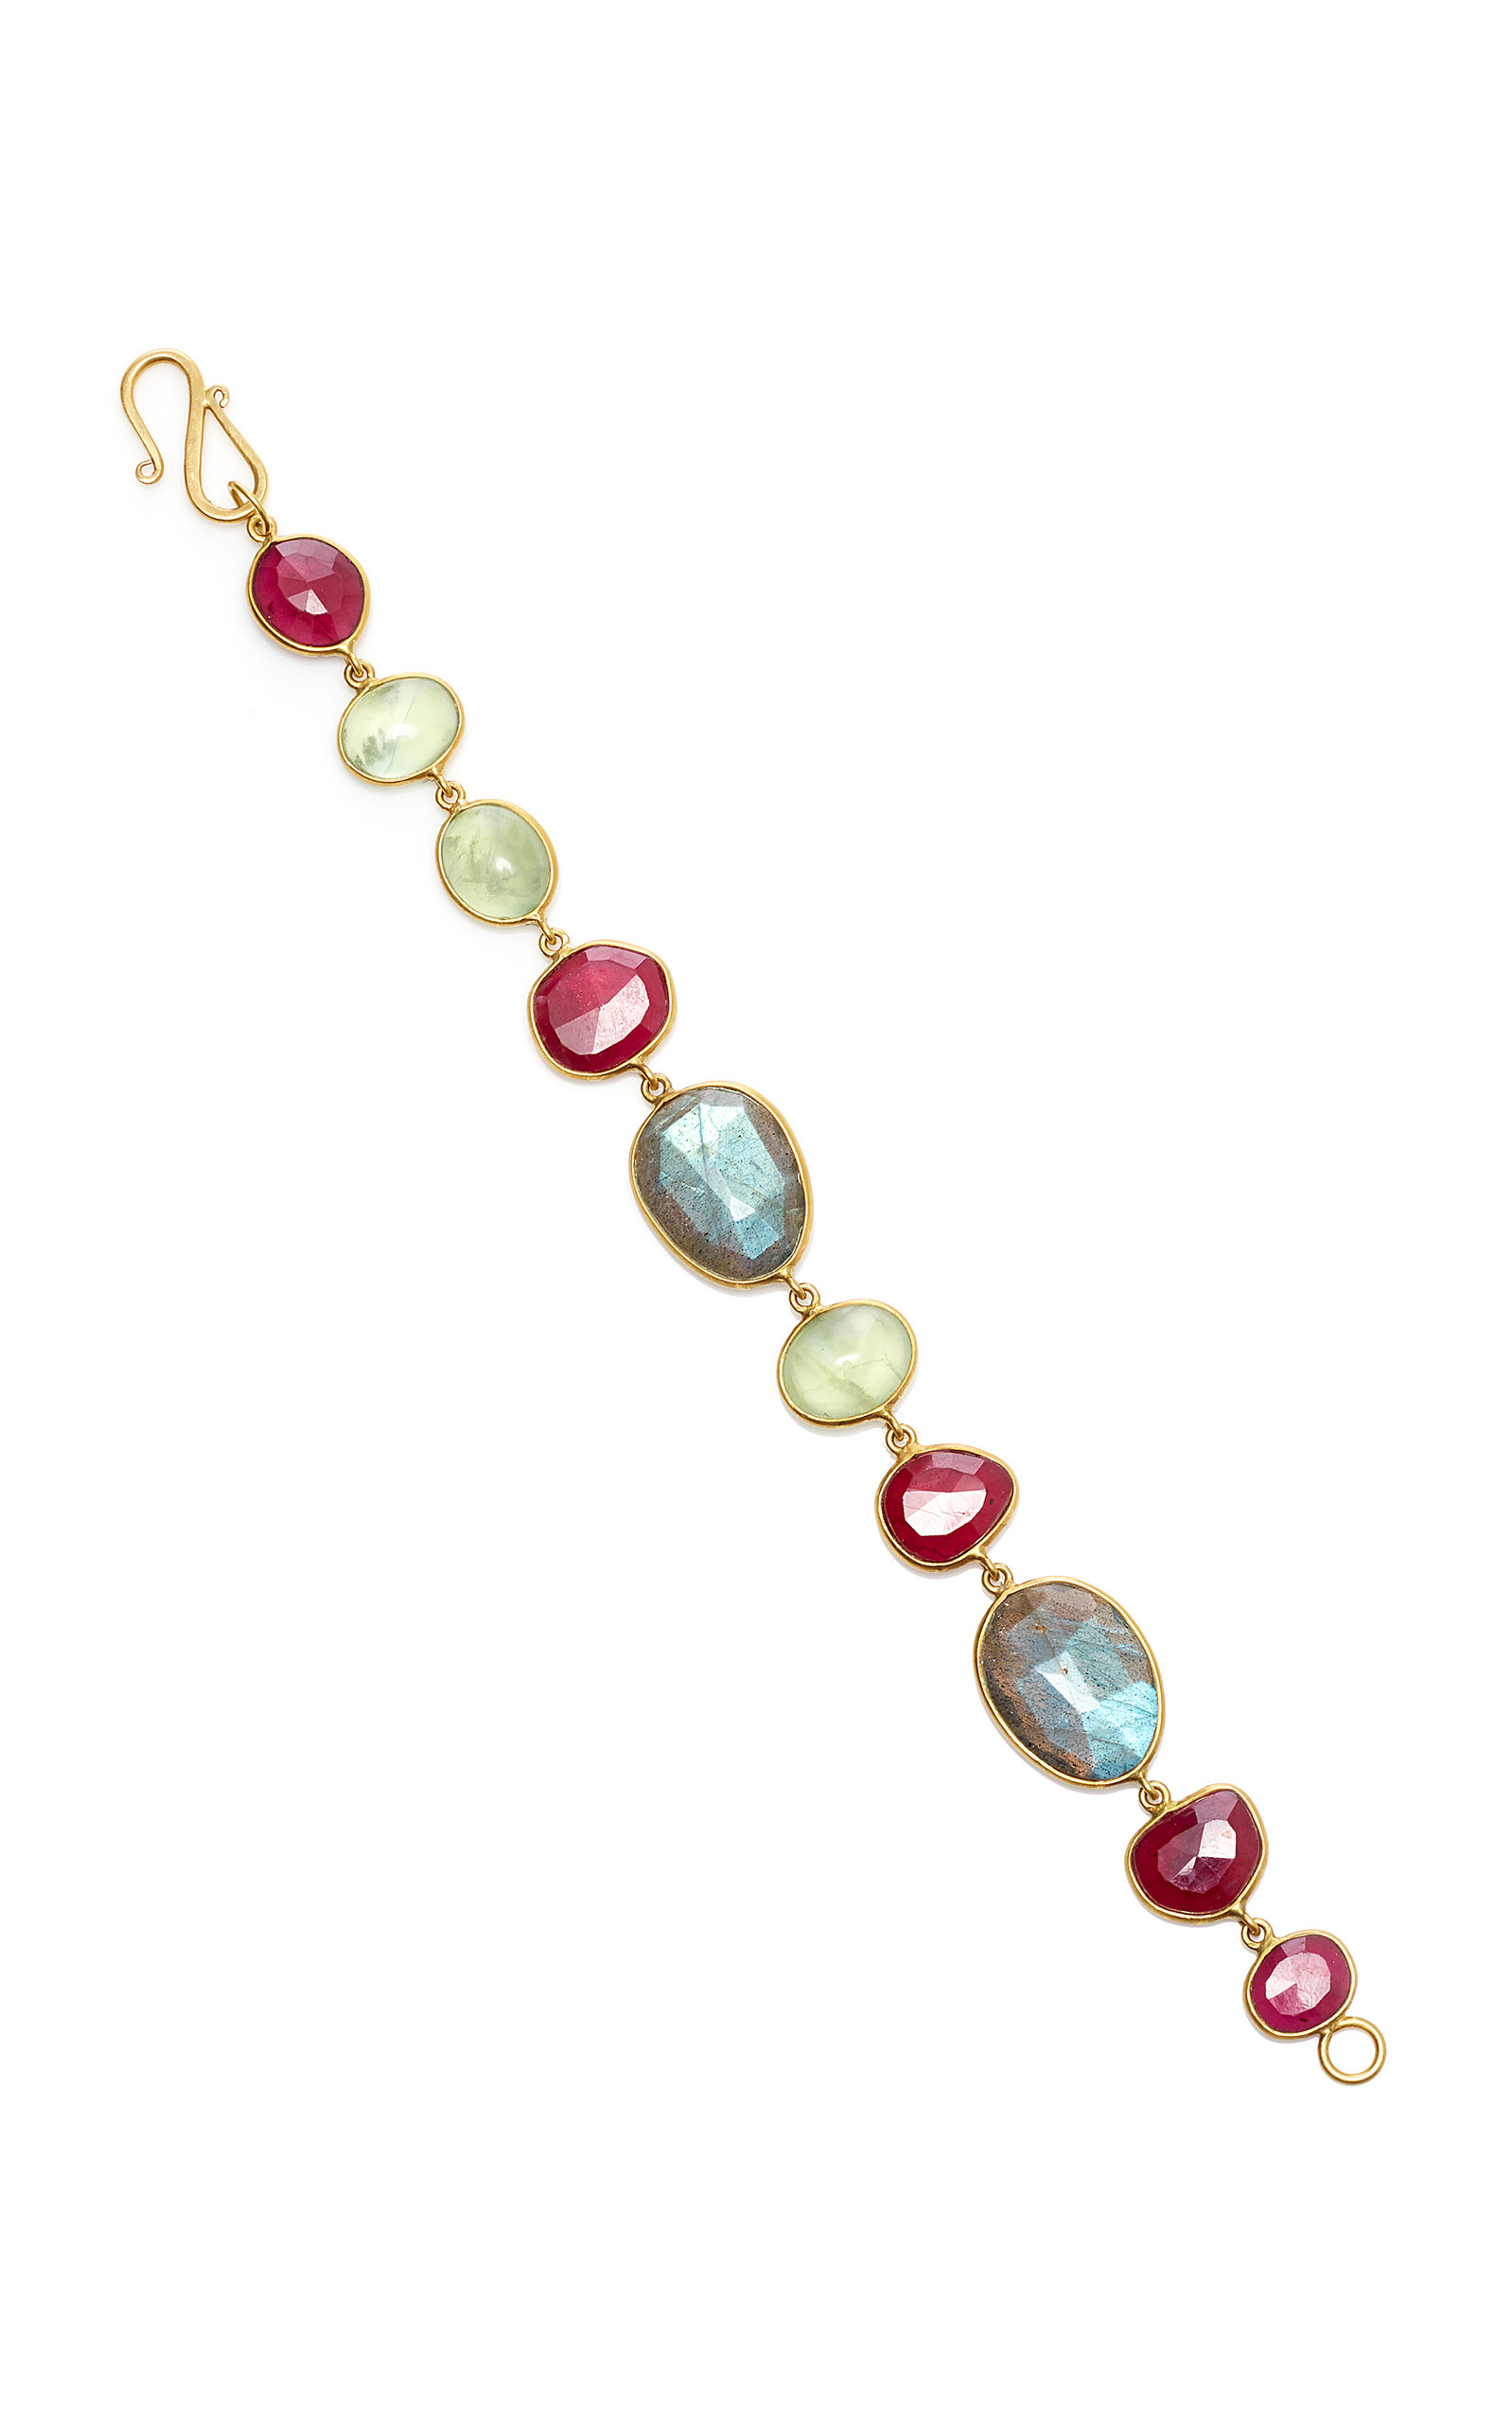 BAHINA 18K Gold Labradorite Praynite And Ruby Bracelet in Multi